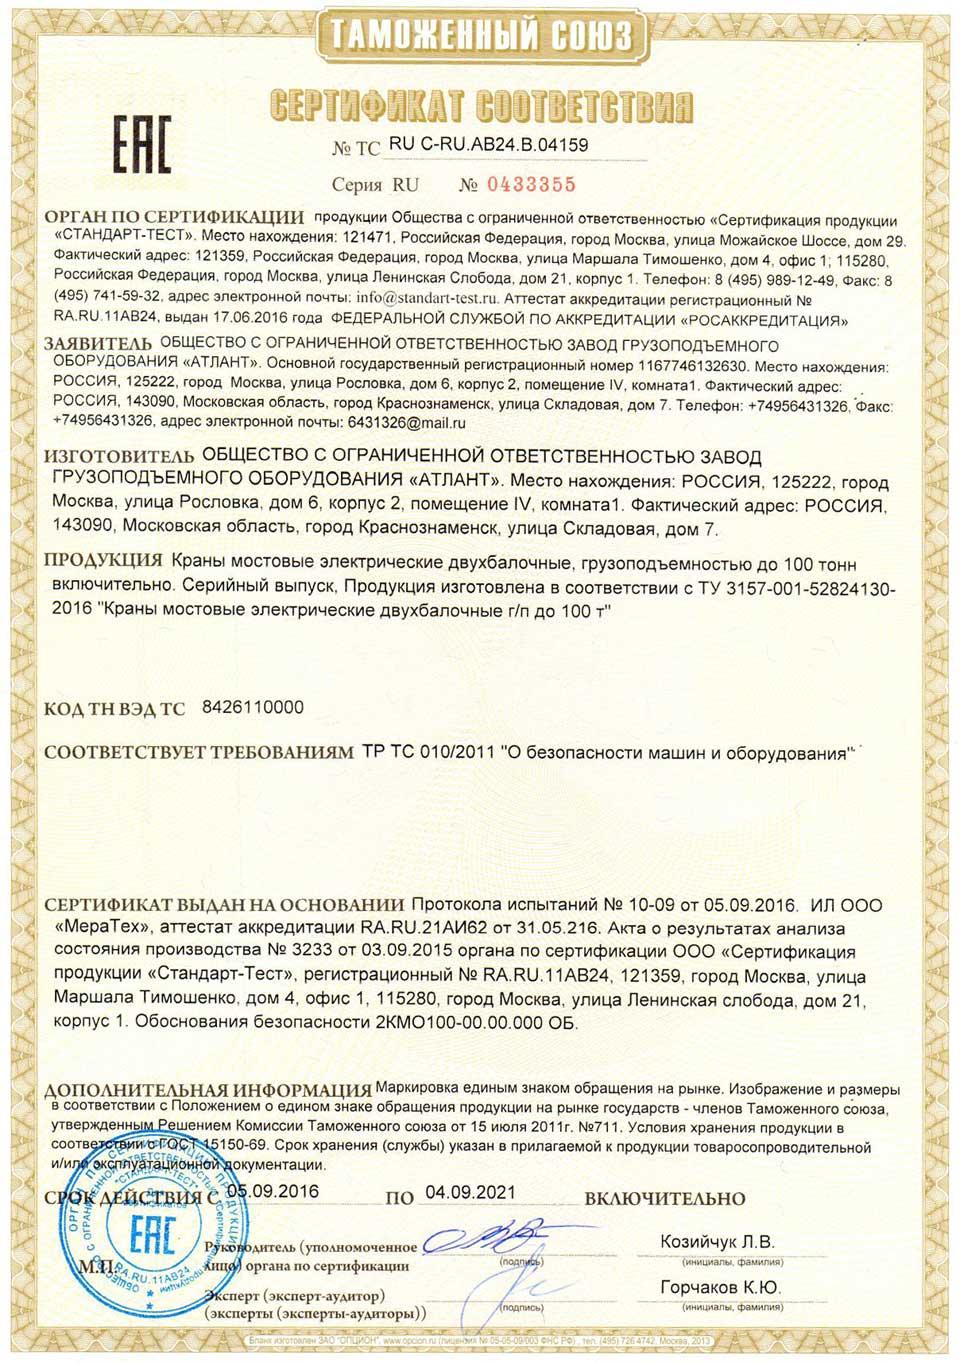 mostovoj sert2 - Кран мостовой специальный магнитный